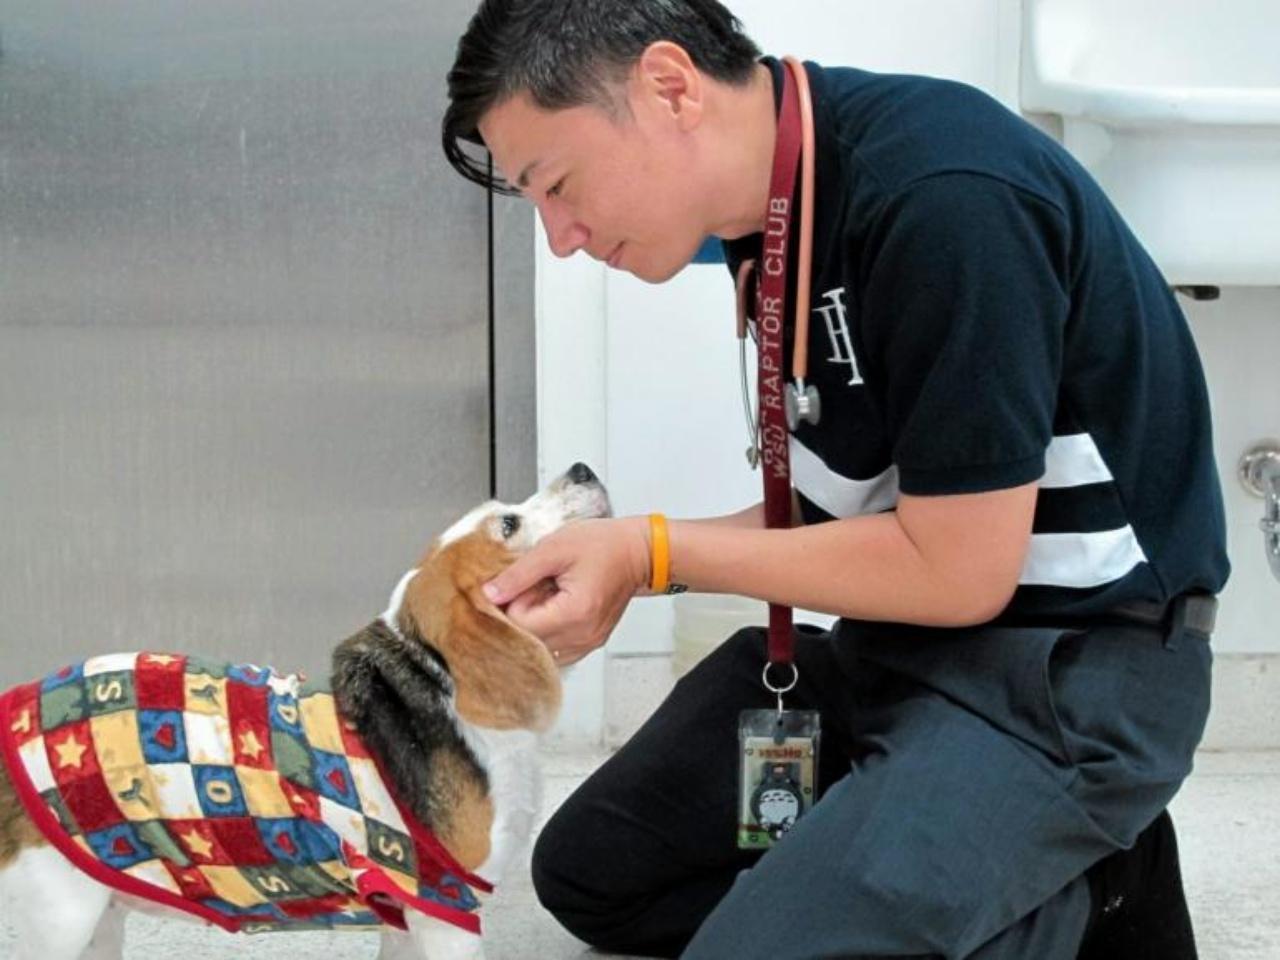 นสพ.เกษตร สุเตชะ สัตวแพทย์ประจำคลินิกสัตว์เลี้ยงพิเศษ โรงพยาบาลสัตว์ คณะสัตวแพทย์ มหาวิทยาลัยเกษตรศาสตร์ (มก.)